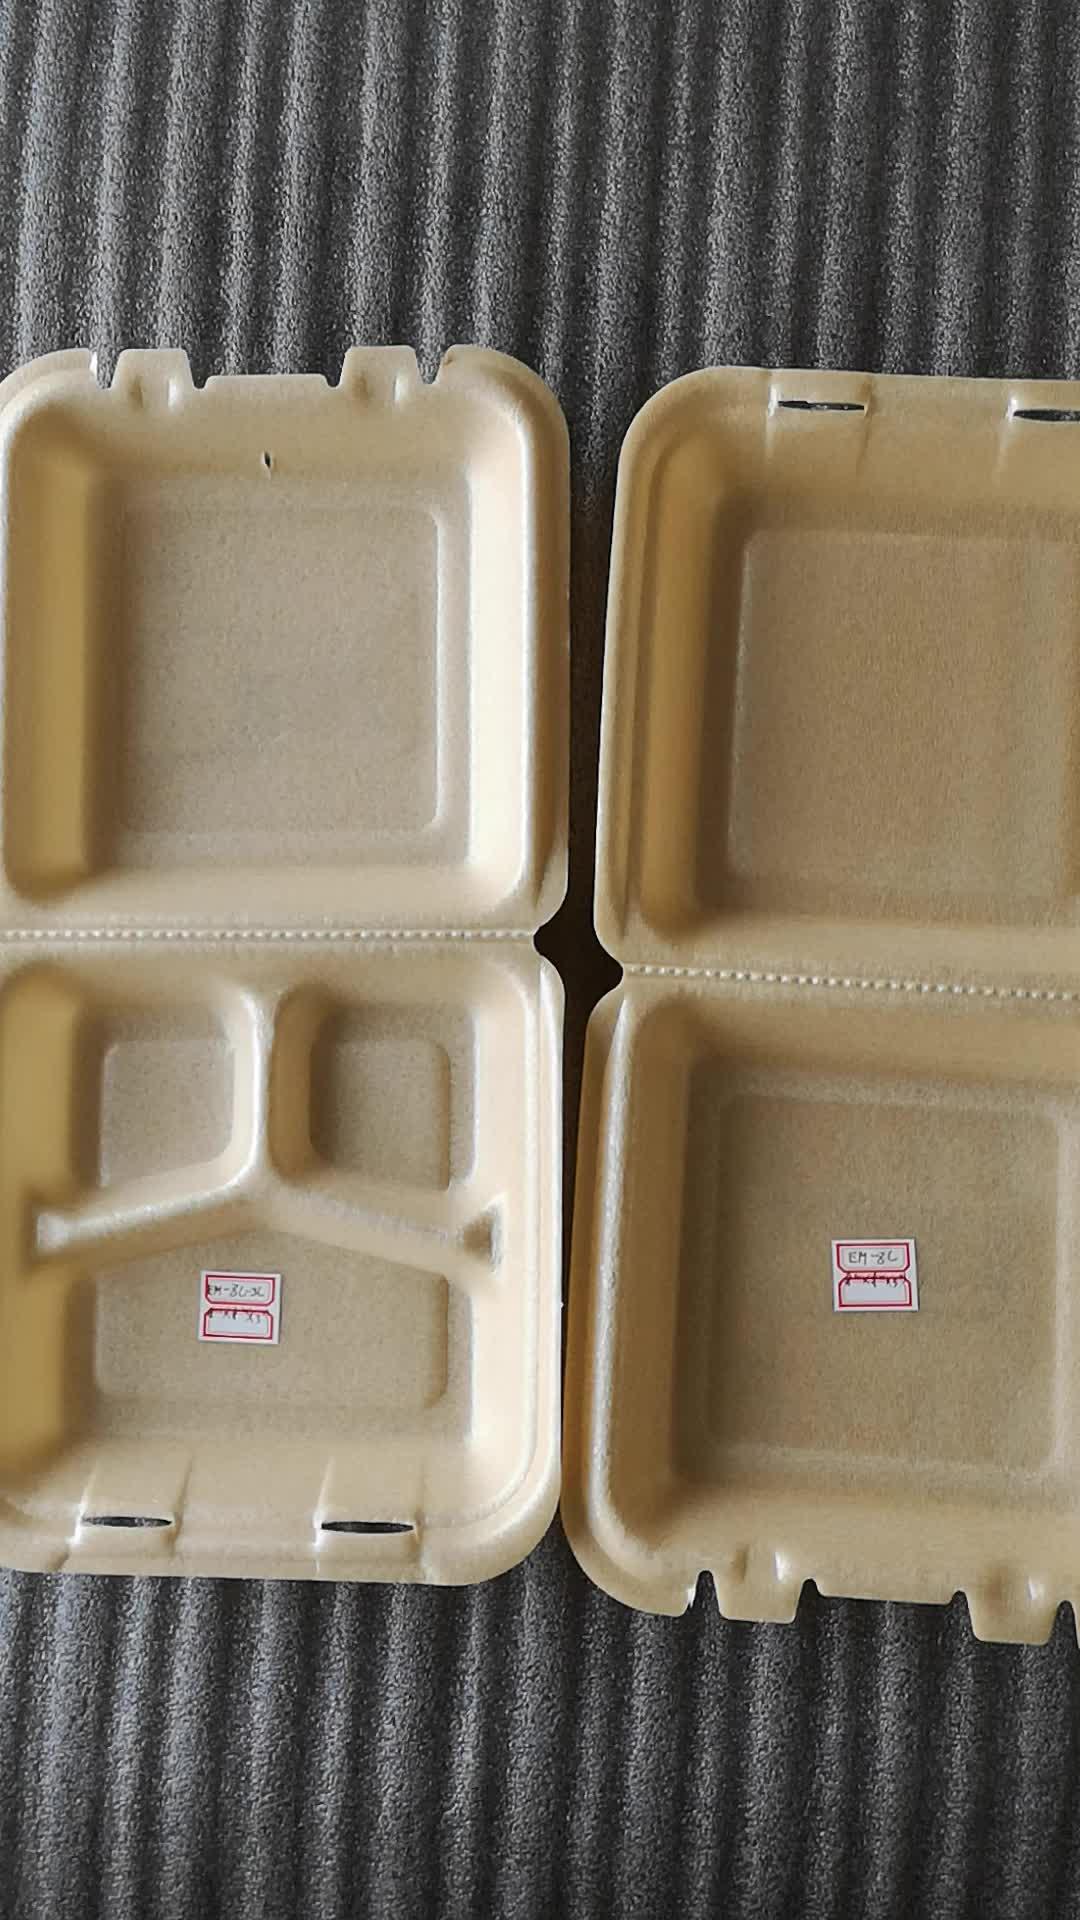 Кукурузный крахмал пены биоразлагаемые одноразовых пищевых контейнеров Box